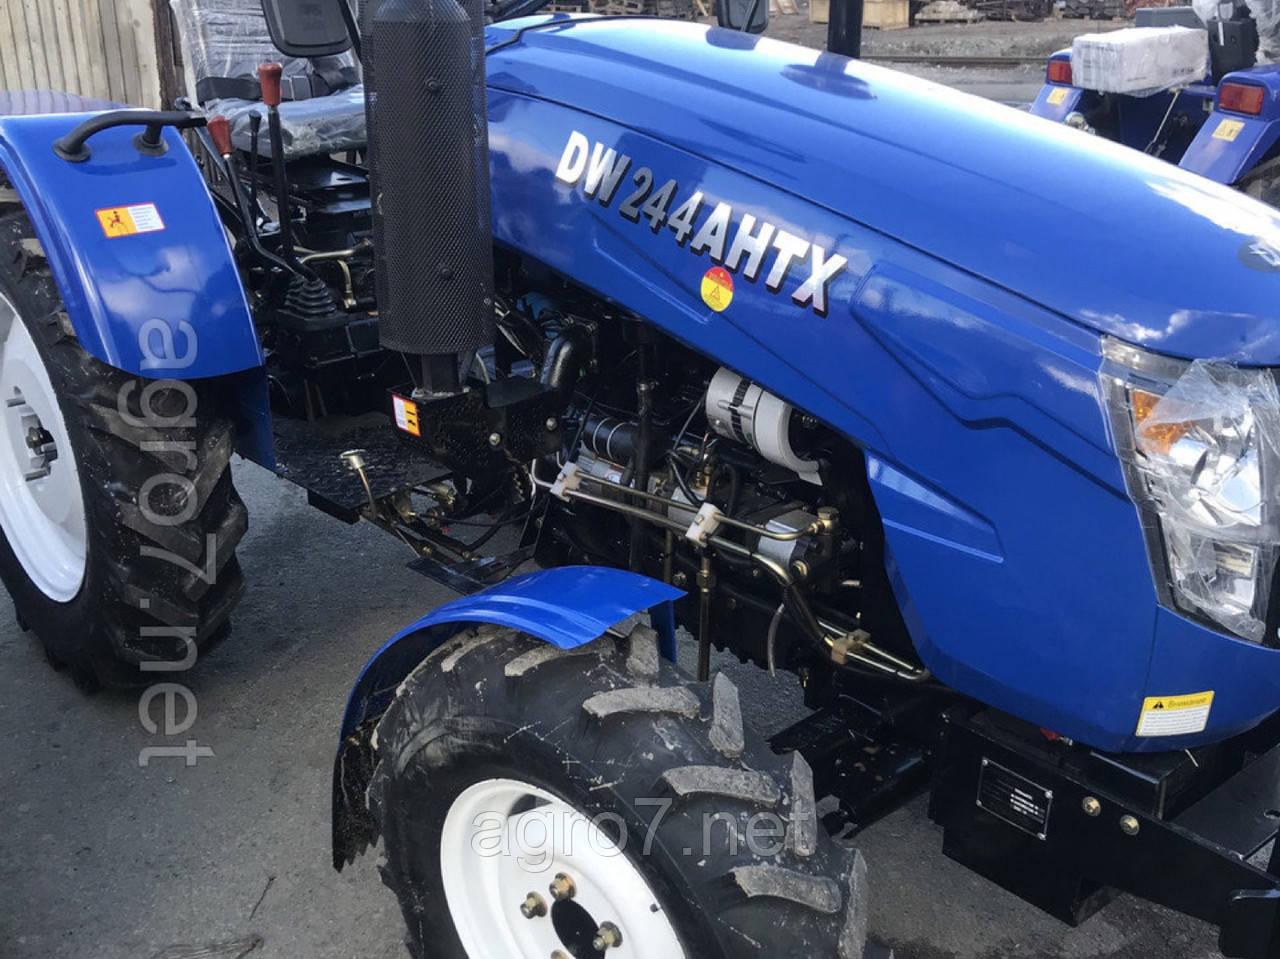 Трактор DW 244 AHTX (3 цил., 4х4, 24л.с., ГУР)